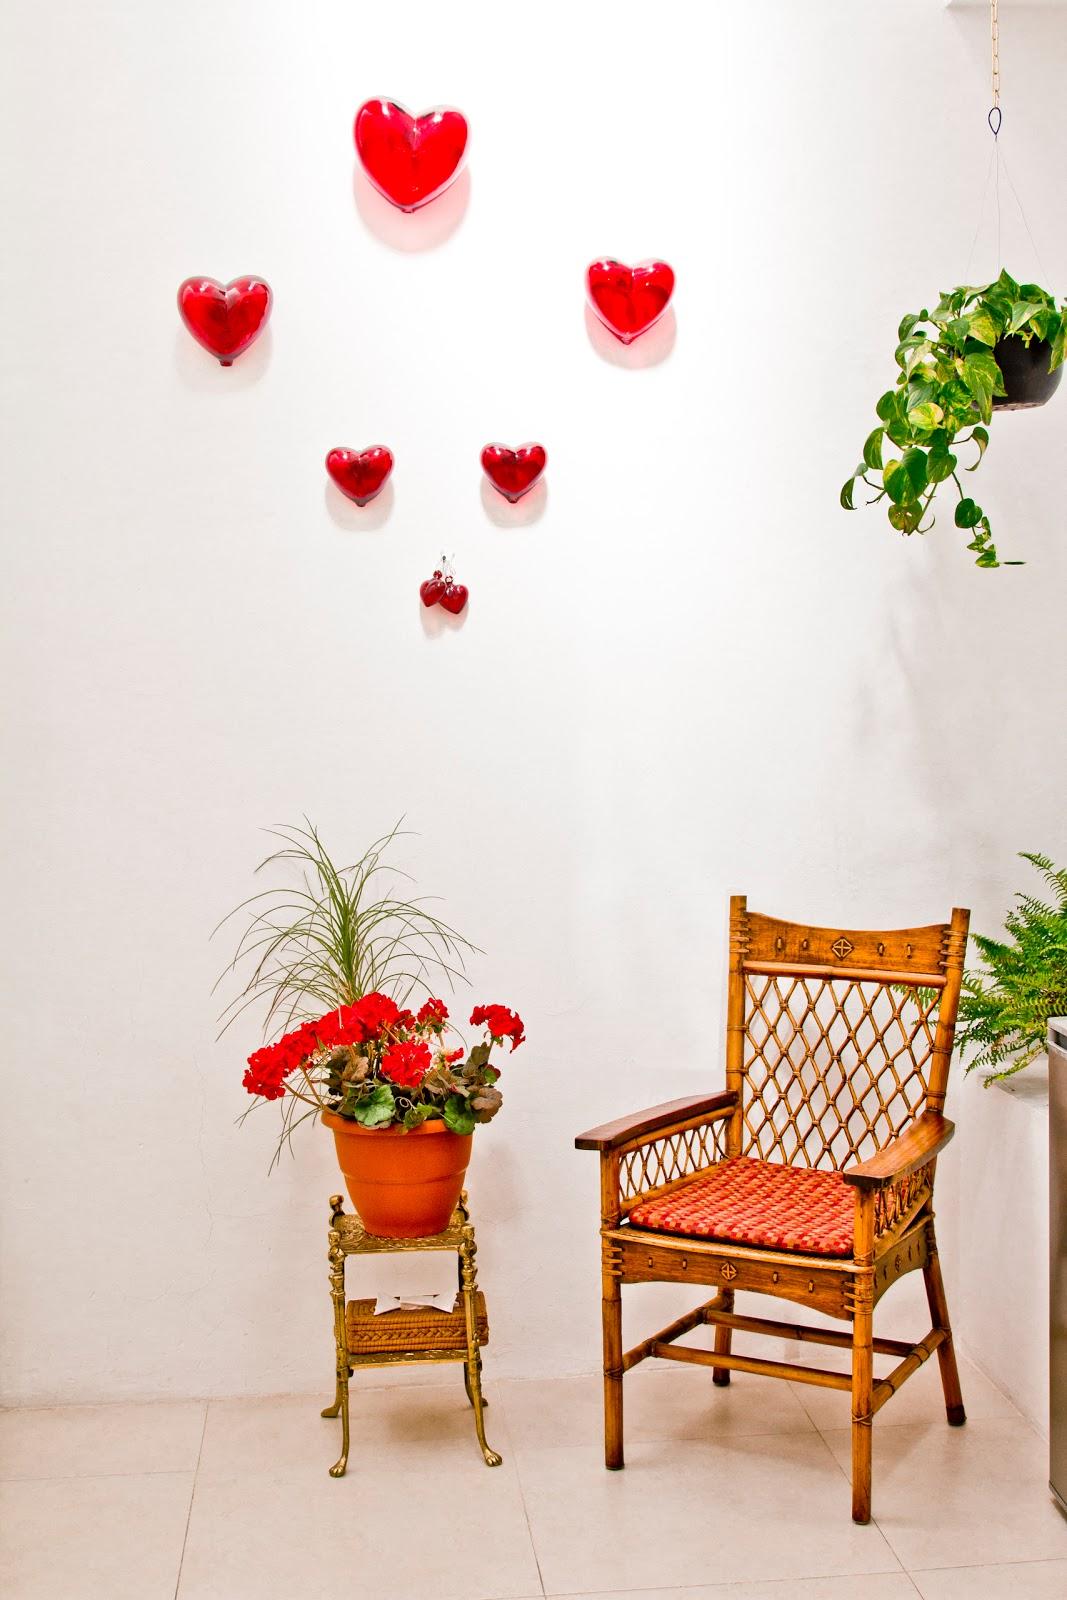 Ambiente mexicano blog de decoraci n www - Decoracion hogar ideas ...